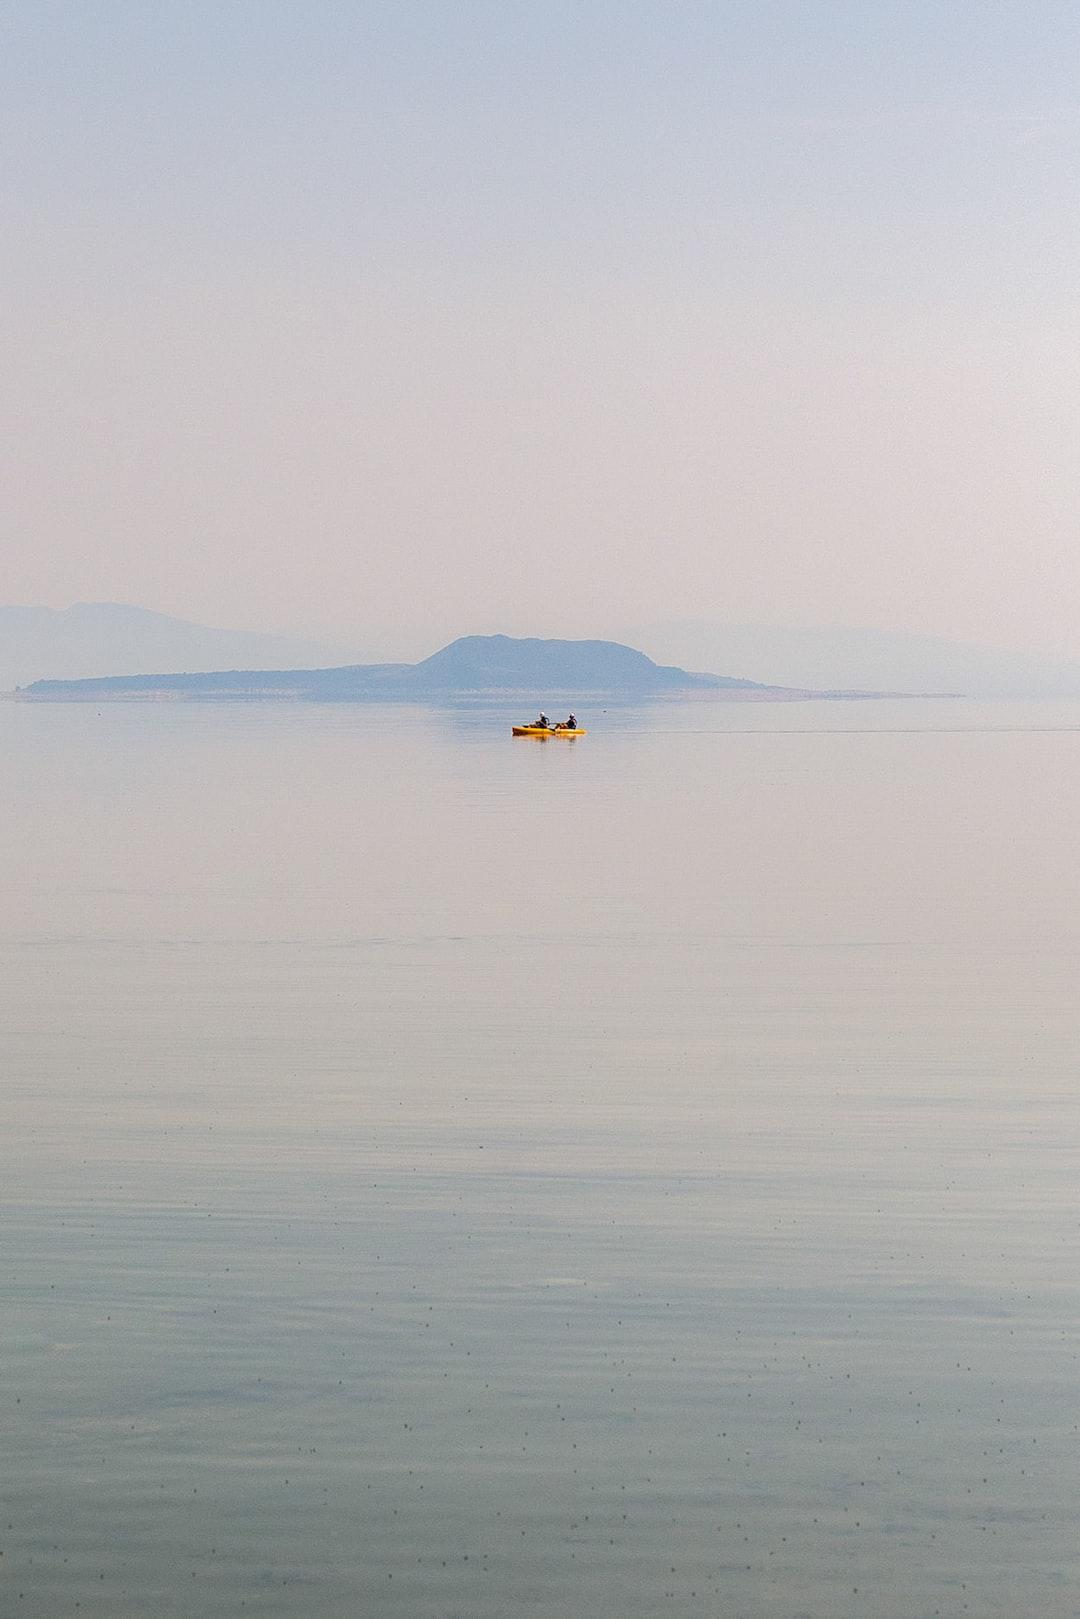 Kayakers on Mono Lake in California